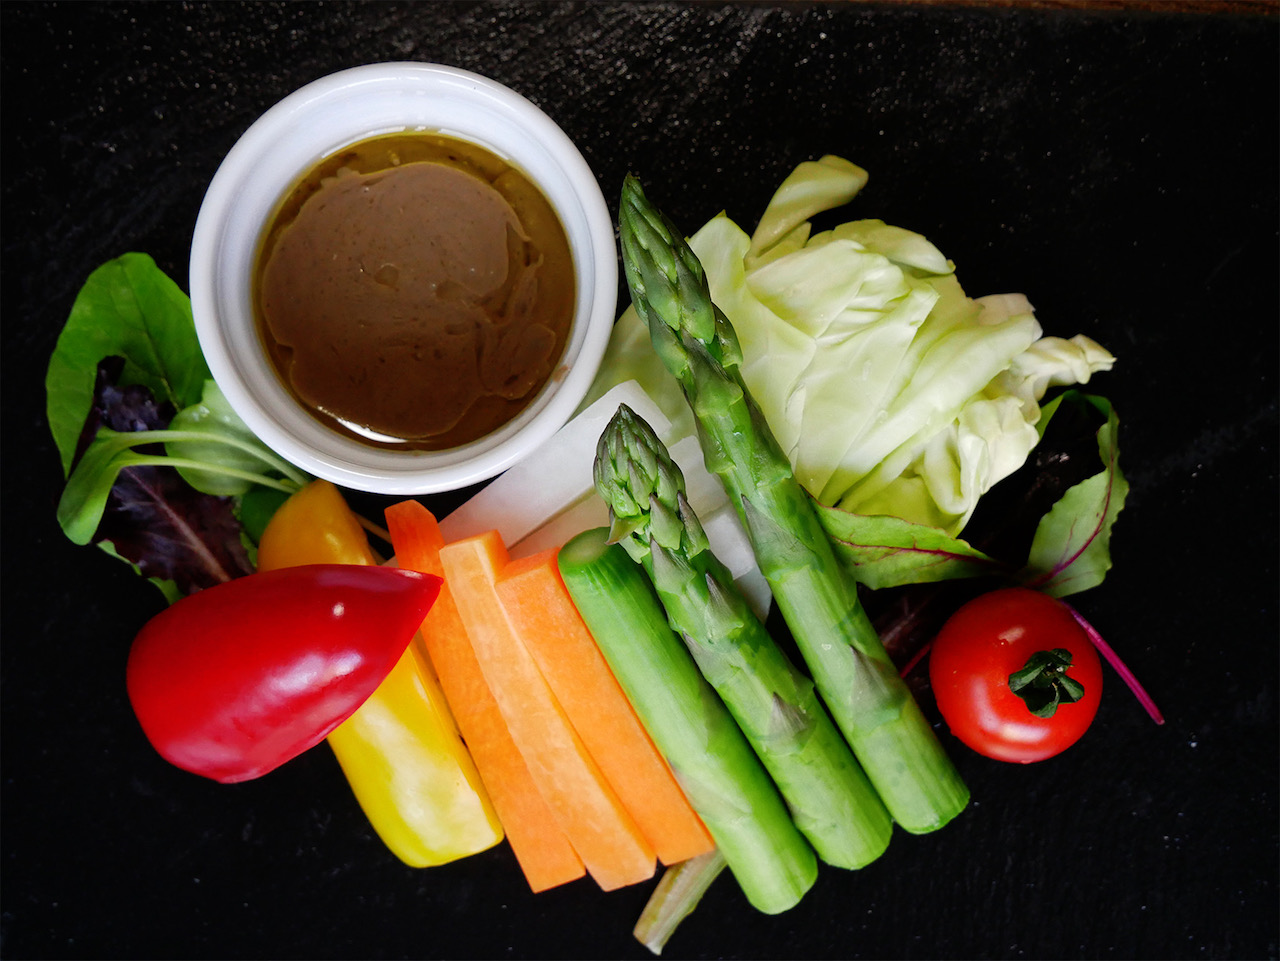 食卓の幅を広げてくれる最高な野菜「アスパラガス」